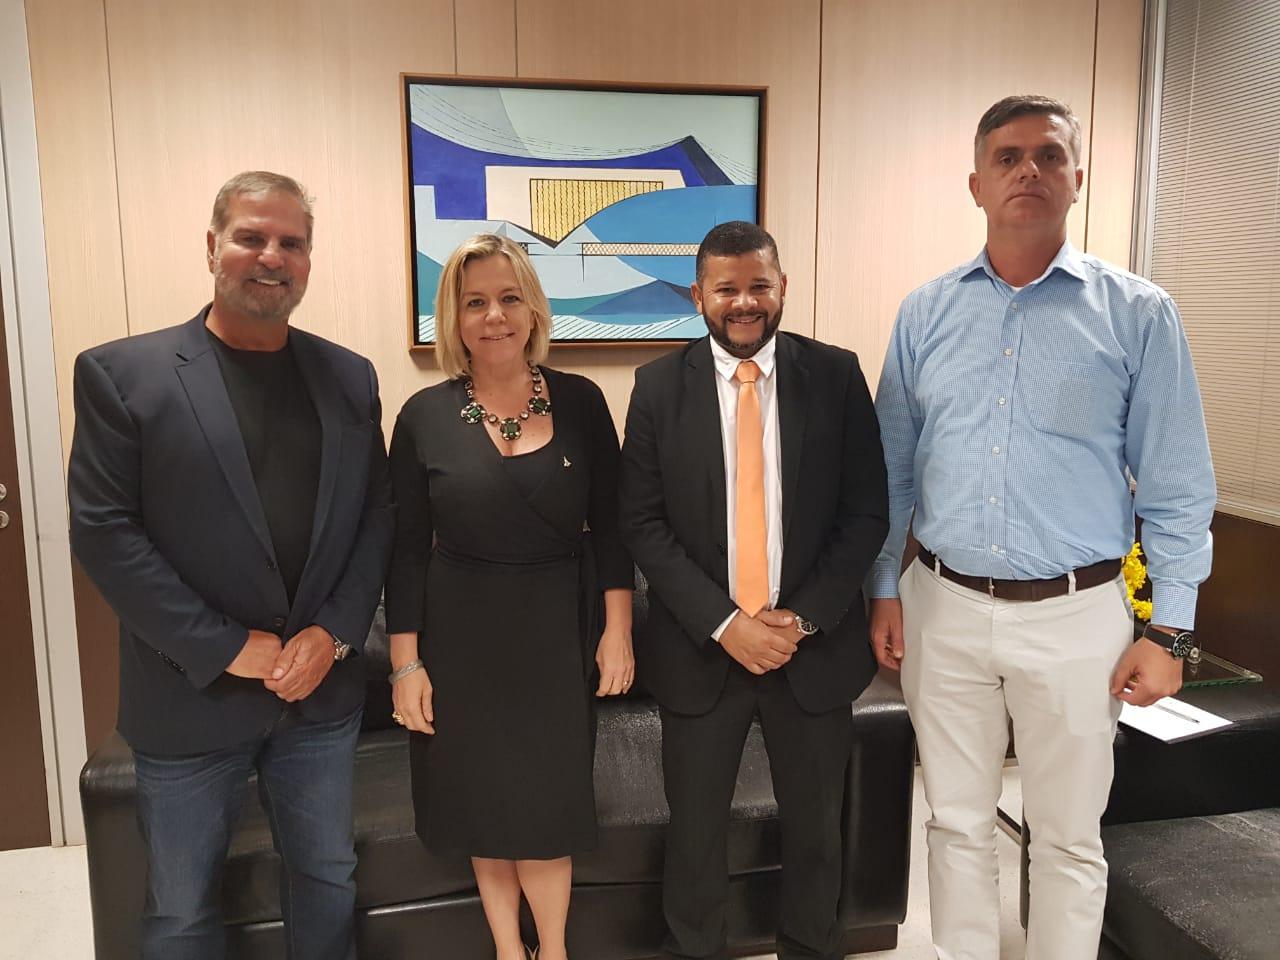 Carlos Alberto de Sá (Presidente Grupo Voetur), Vanessa Mendonça (Secretária de Turismo do Distrito federal), Rodrigo Rabelo (gerente Vip Service Club)